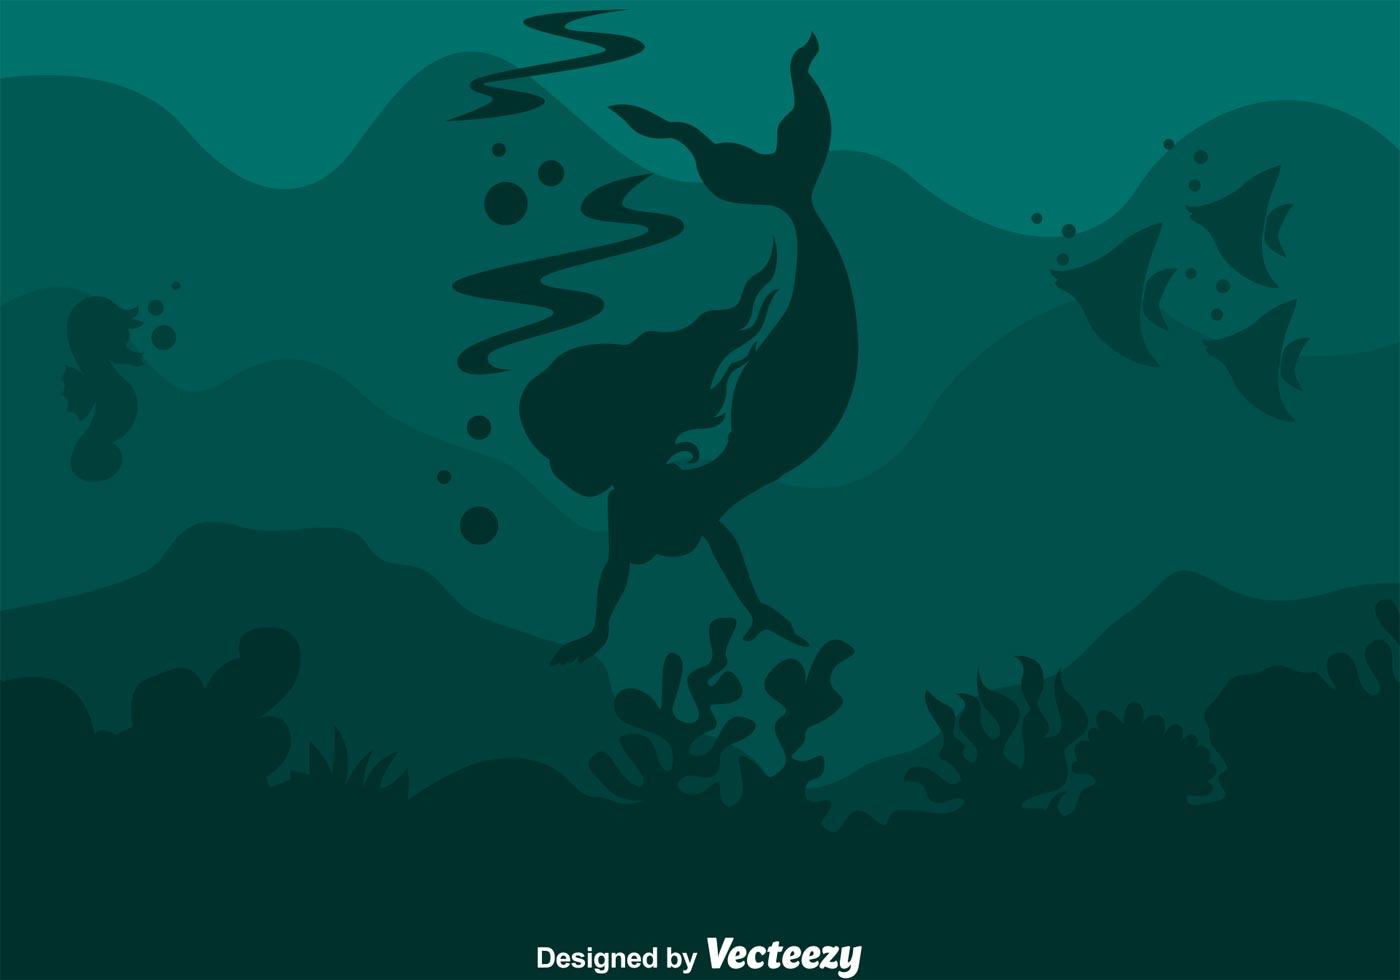 海洋插畫 免費下載 | 天天瘋後製